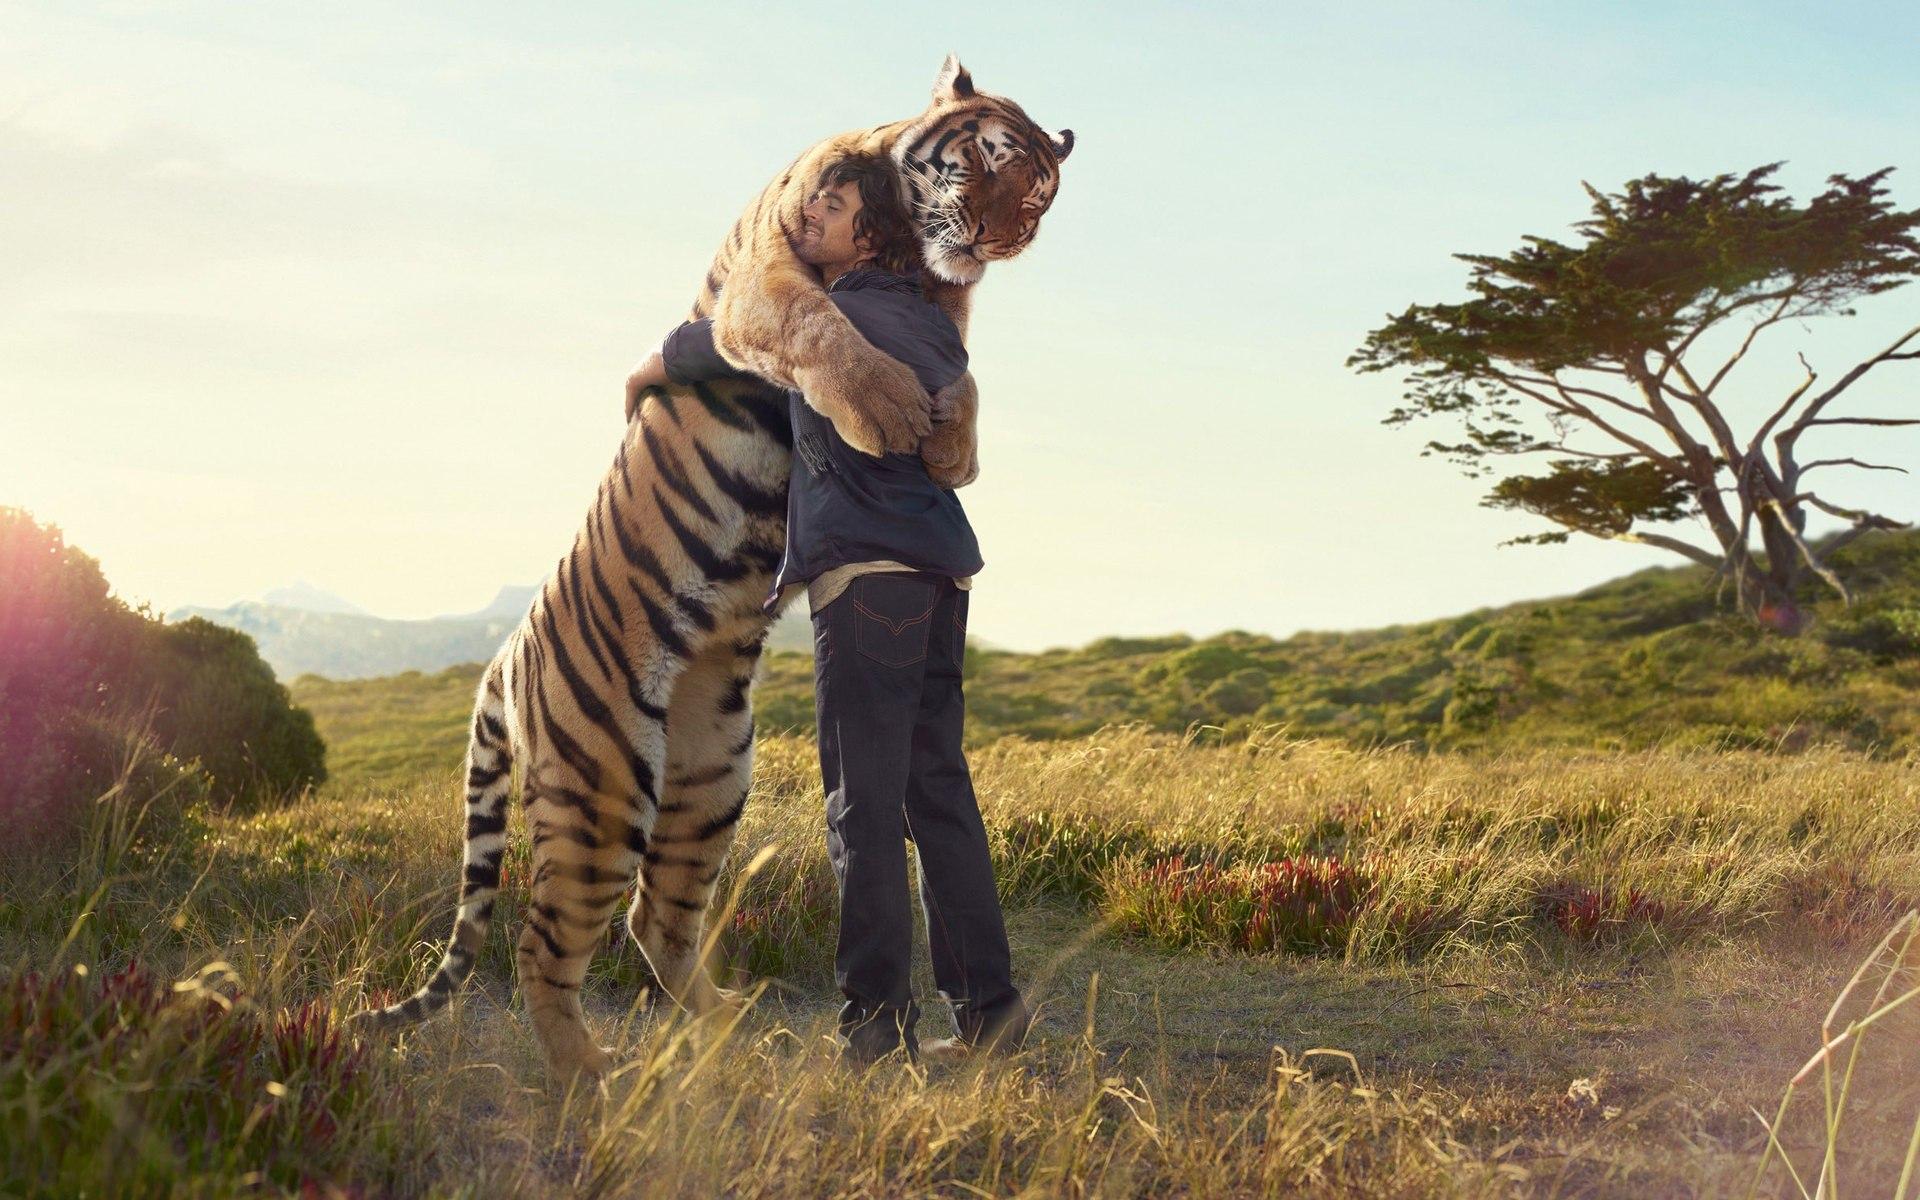 hayvanlari-sevmeki-hayvan-sevgisi-koala-hayvan-sevgisi-ile-ilgili-sözler-kaplan